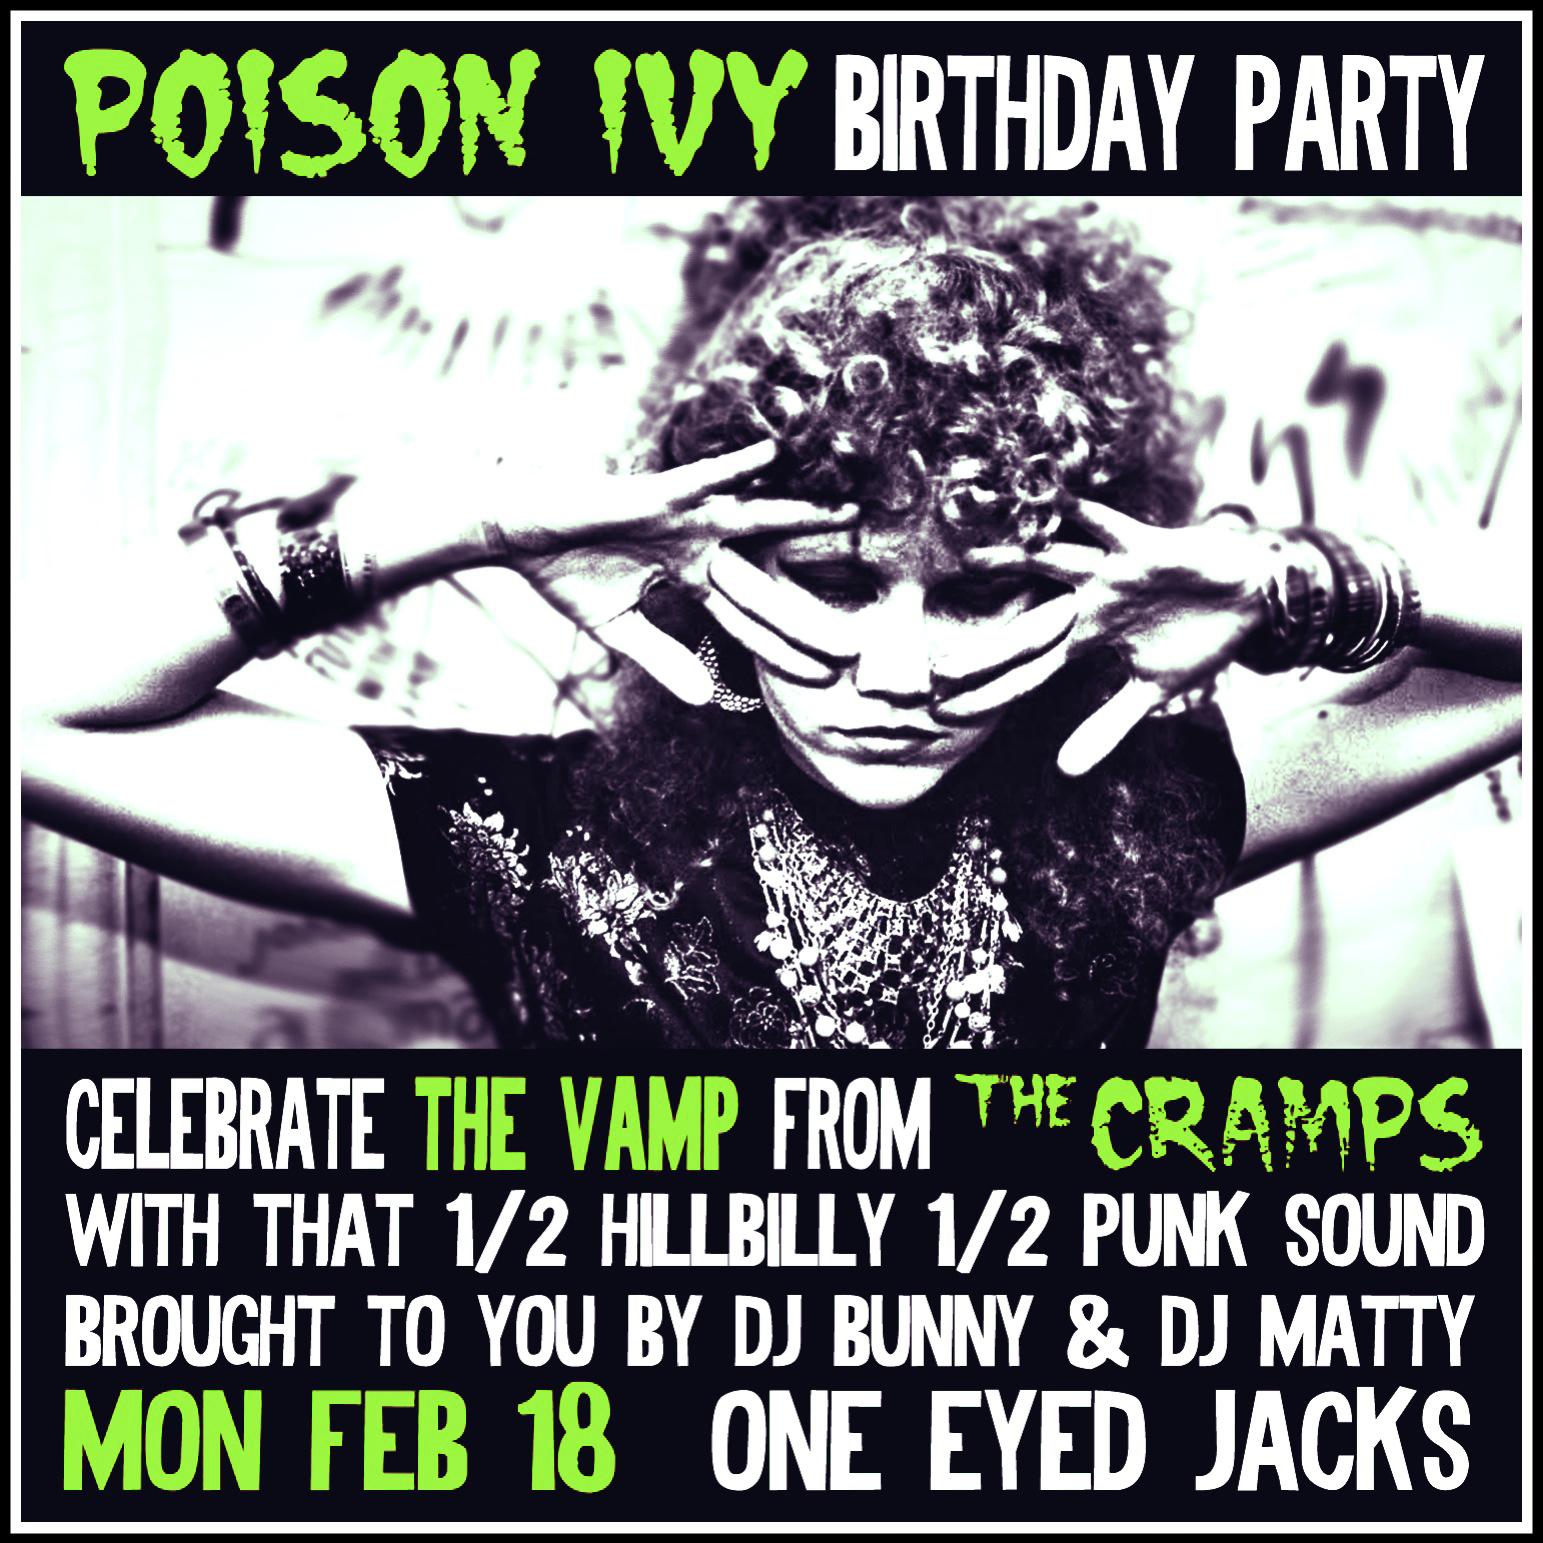 poisonivy_birthdayparty1.jpg